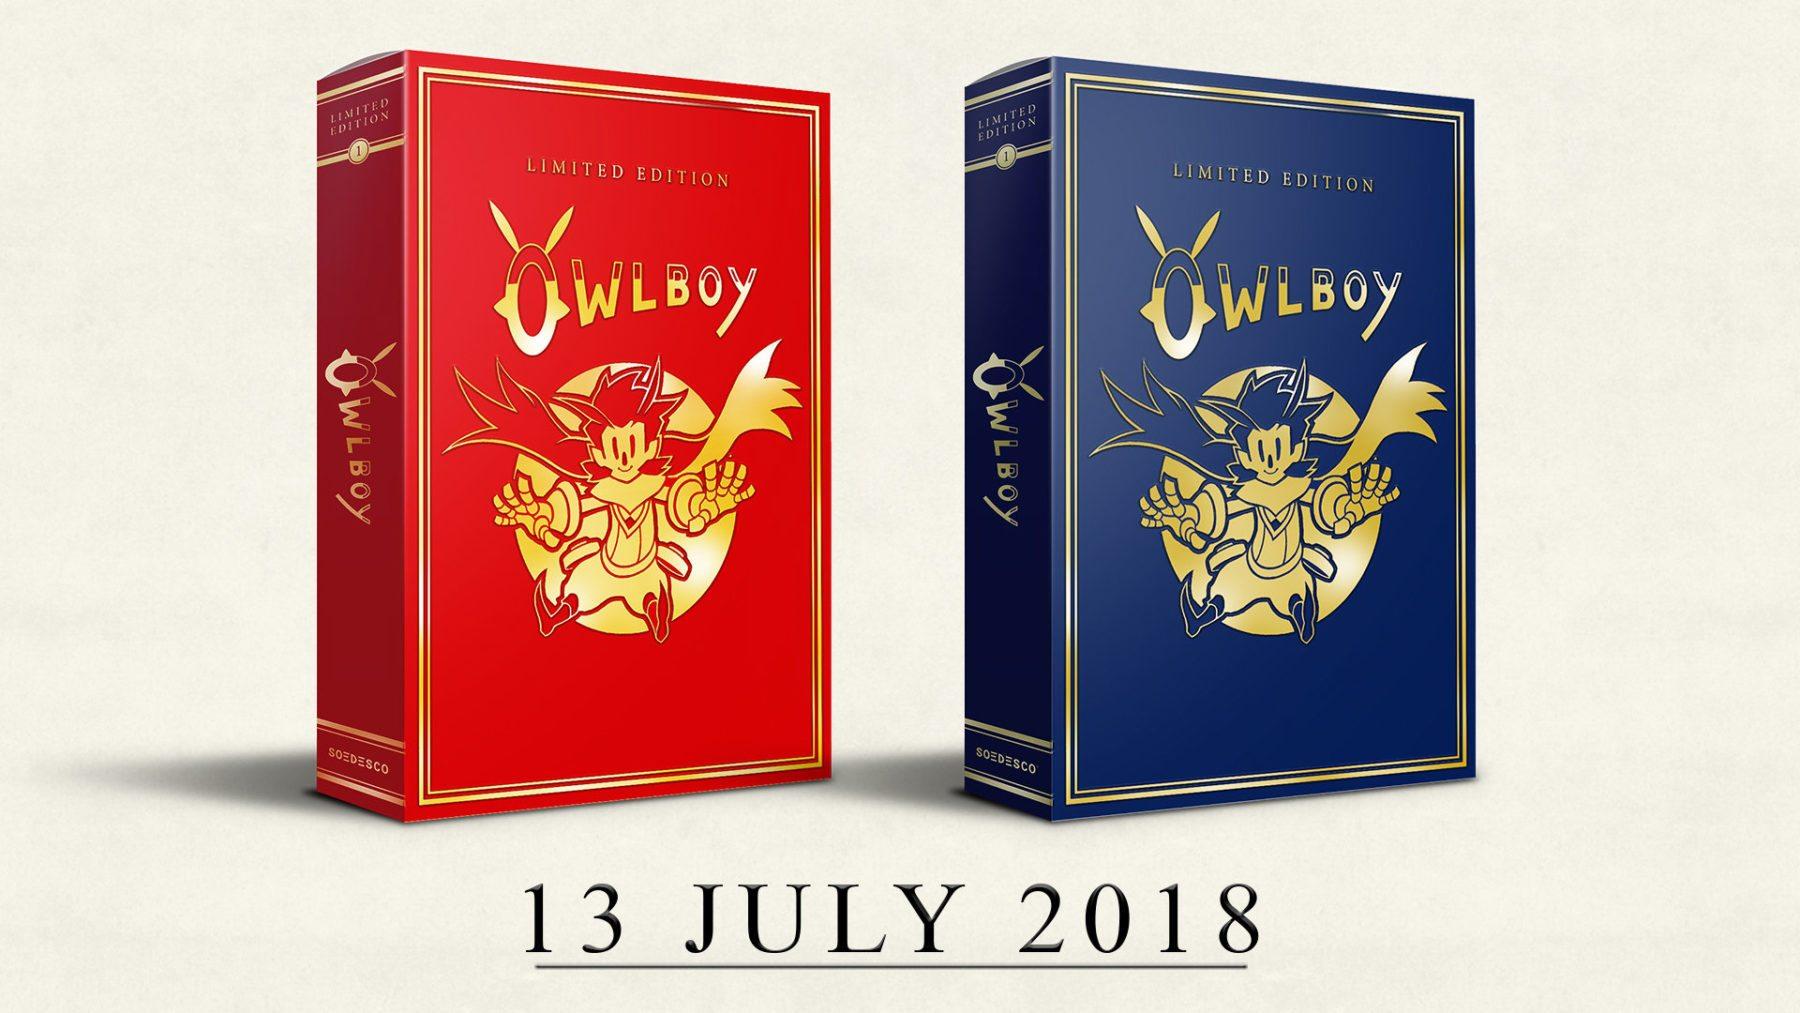 Owlboy: edición limitada revolotea en julio